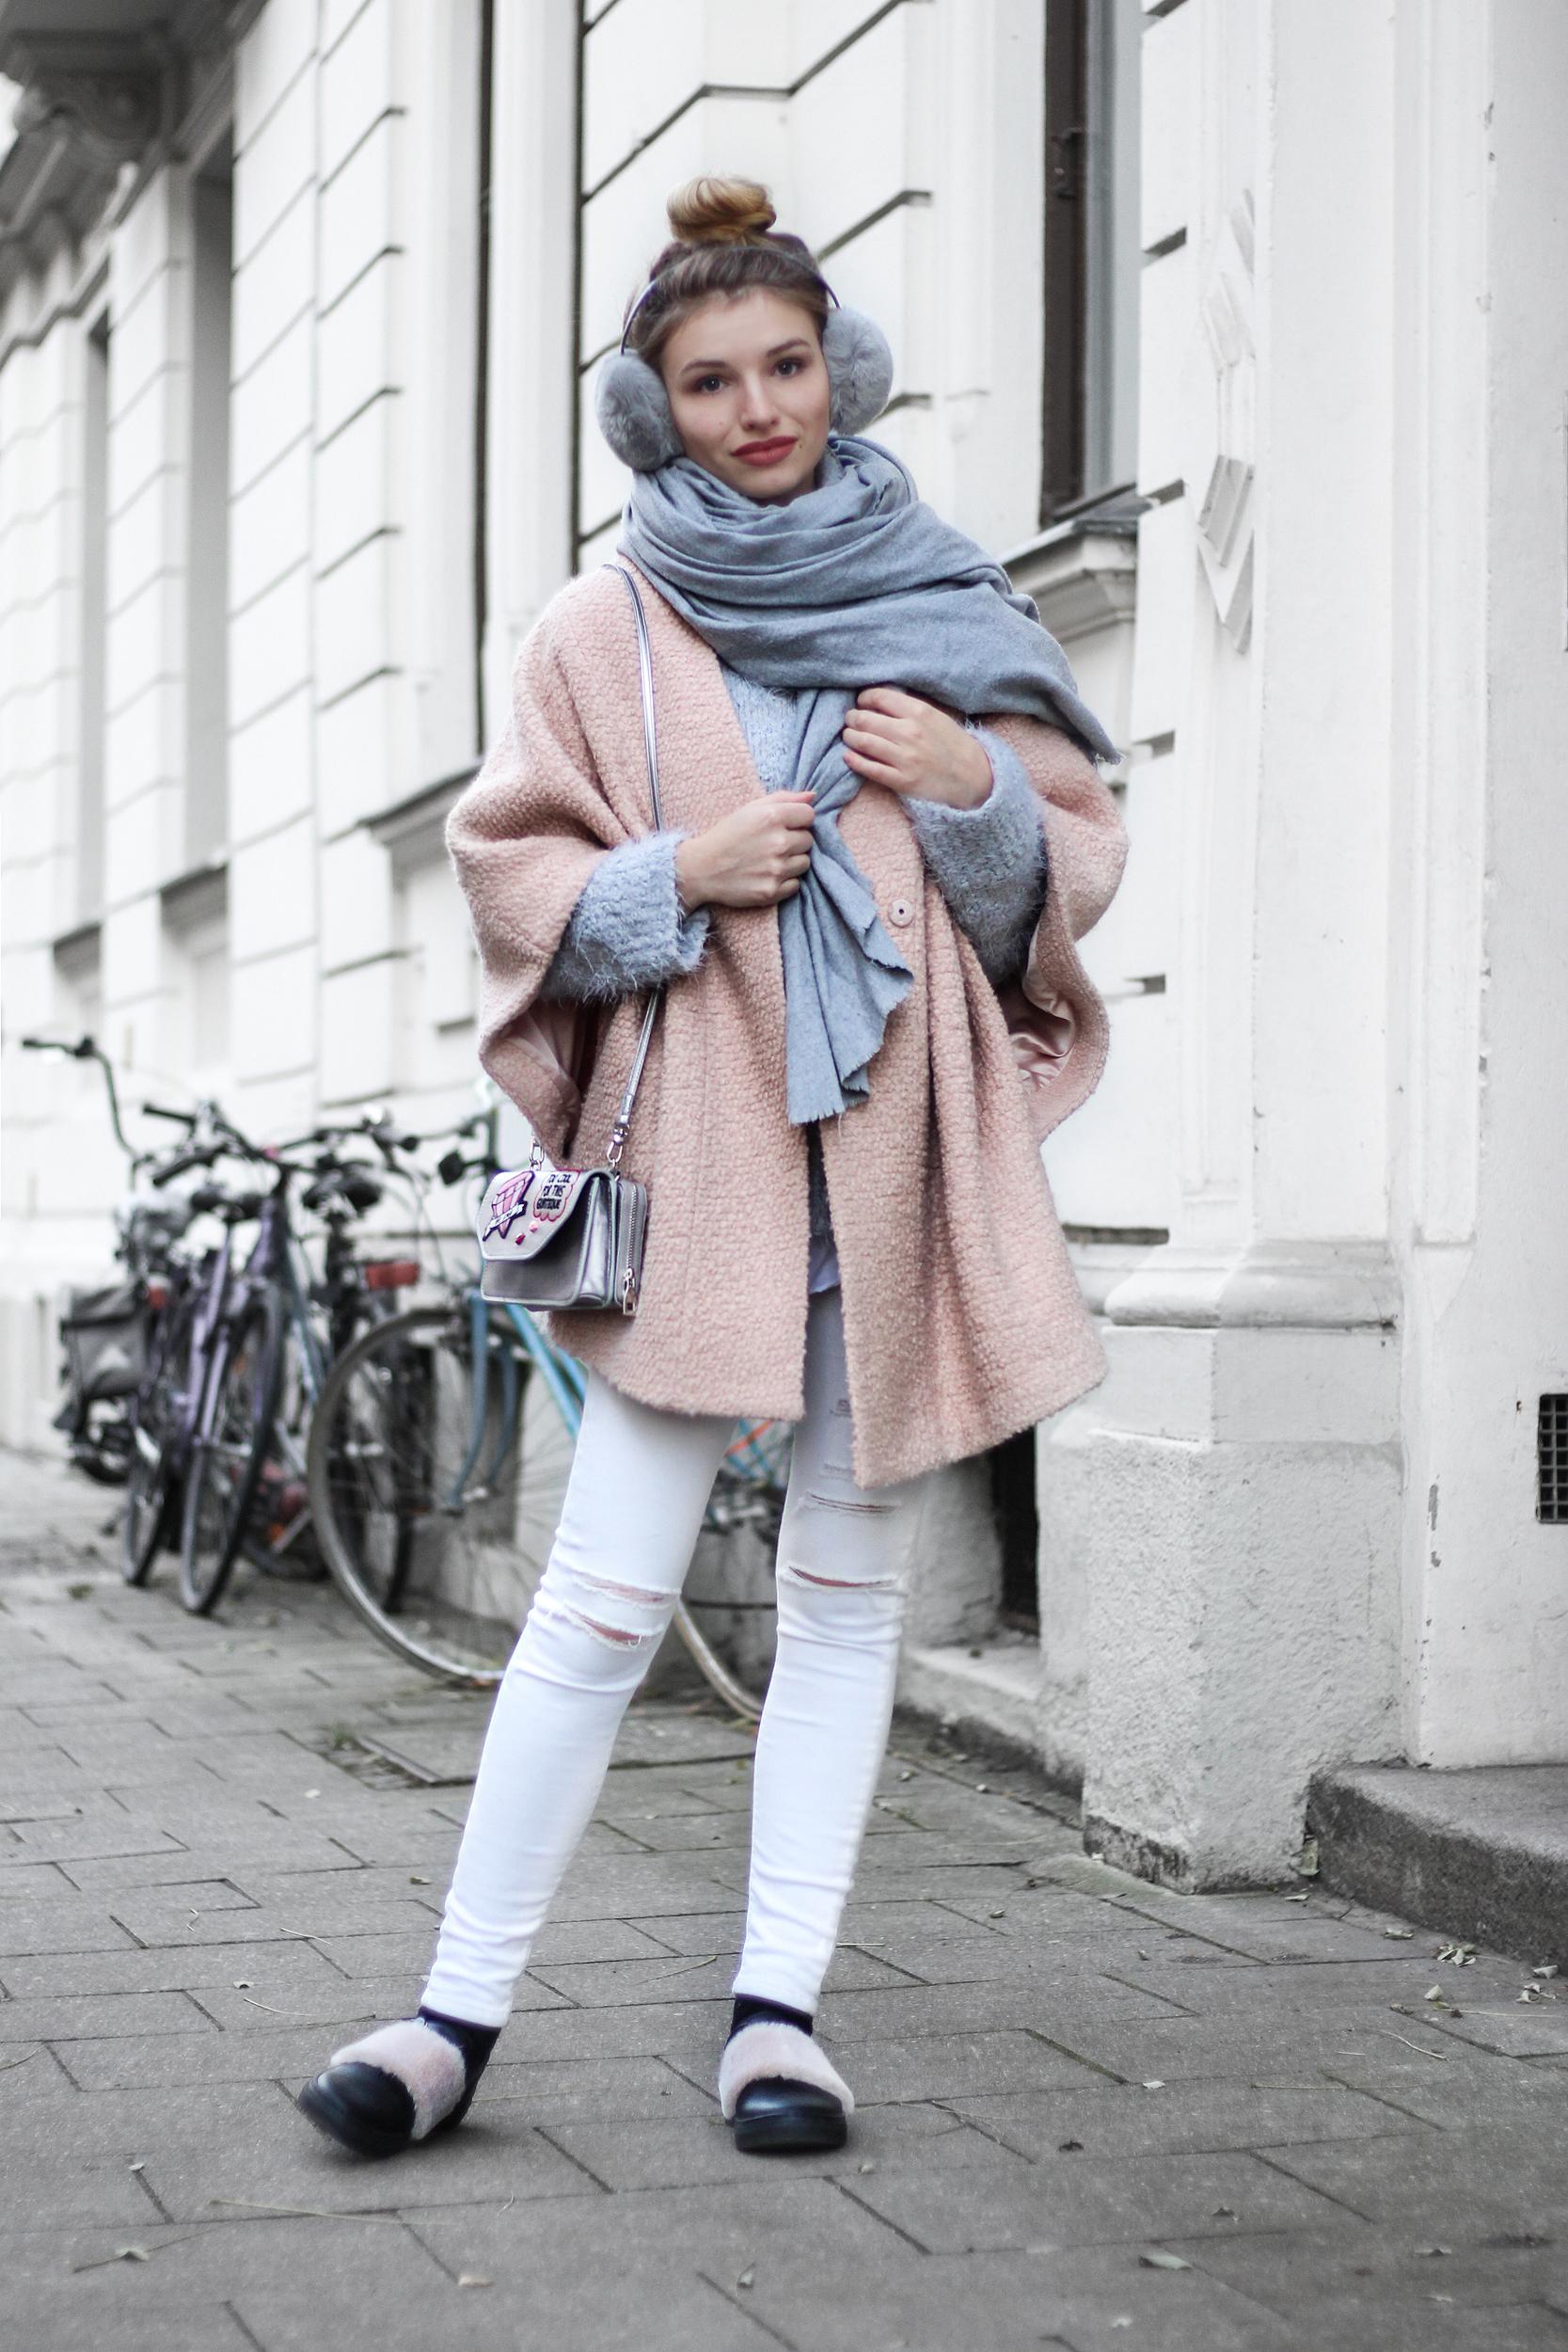 franziska-elea-blogger-aus-muenchen-fashionblog-rosa-mantel-pastell-puderfarben-herbst-winter-trend-2016-fw-16-17-xxl-schal-outfit-fellschuhe